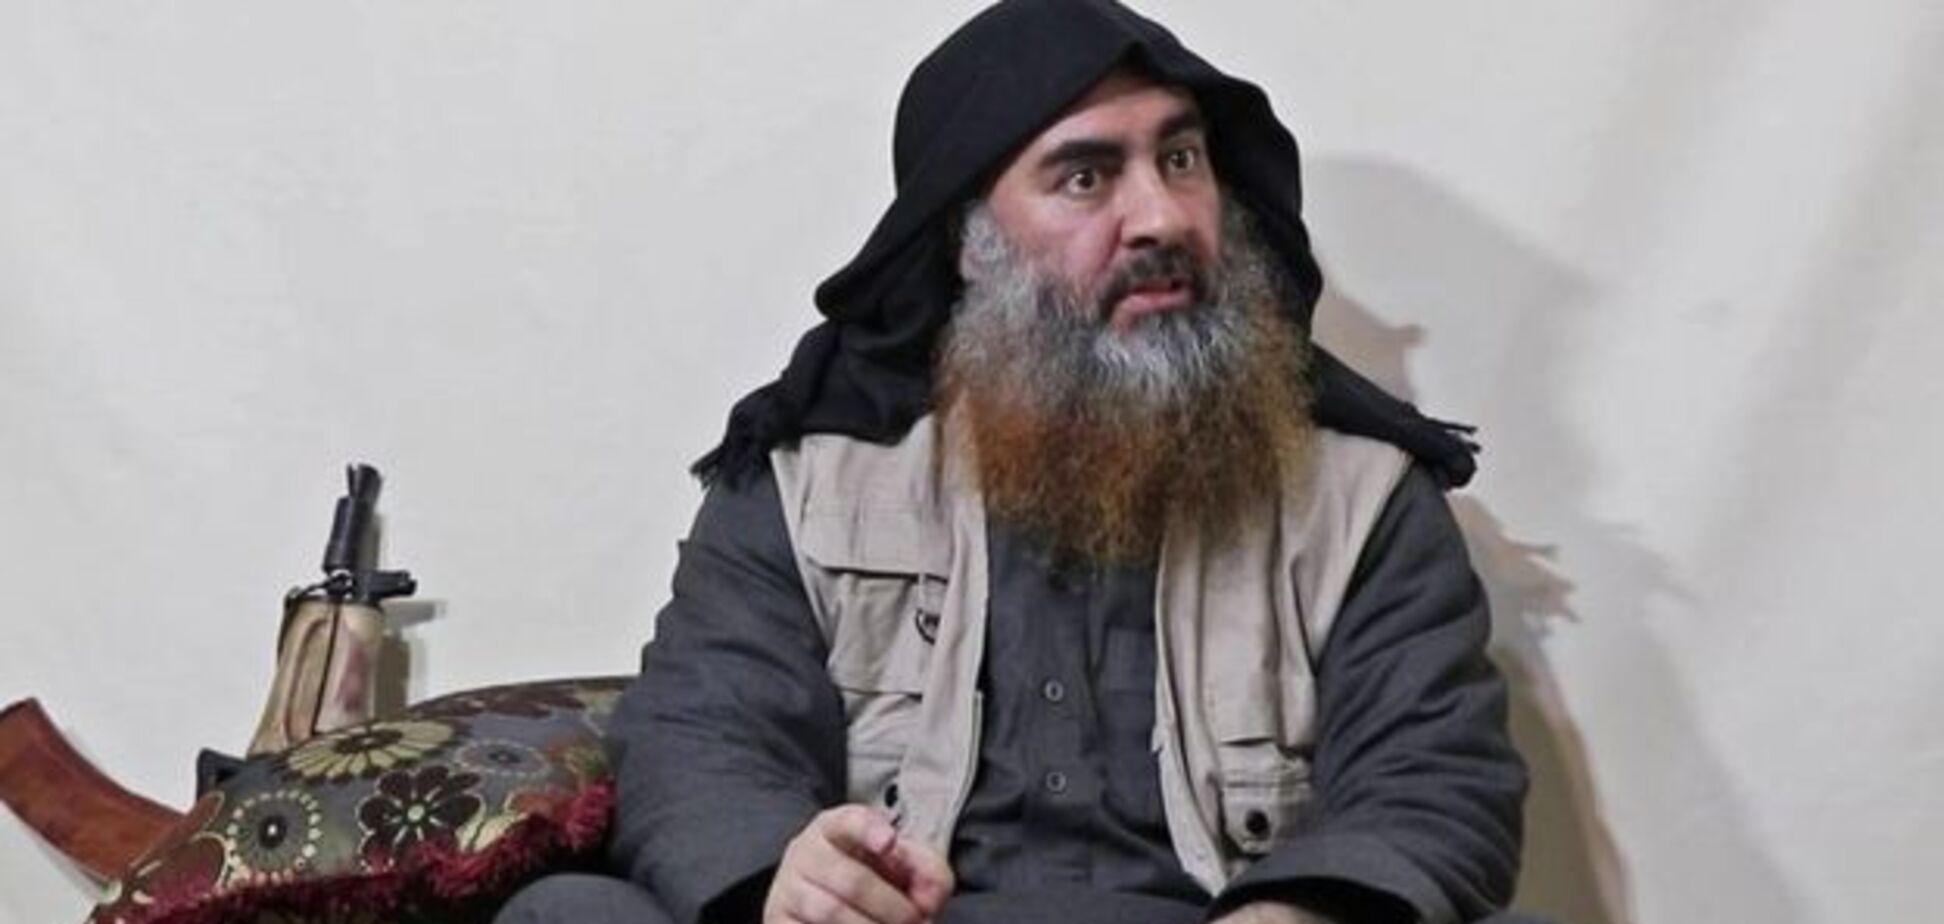 Пентагон и ИГИЛ подтвердили гибель аль-Багдади